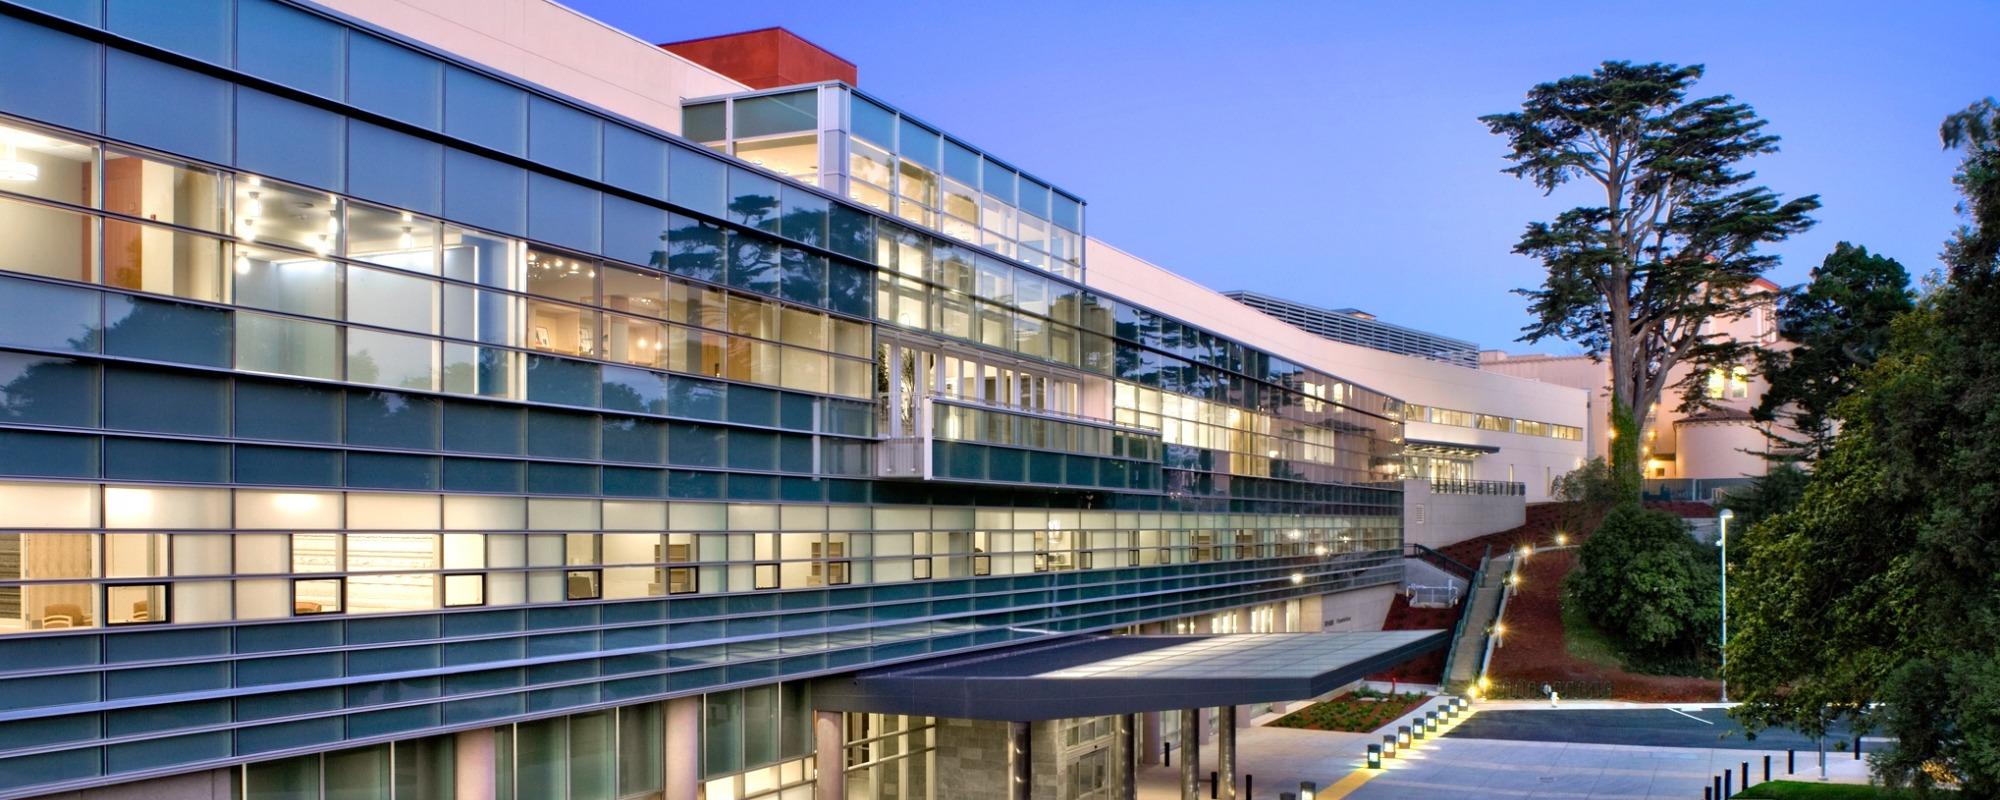 Laguna Honda Hospital | Public Works